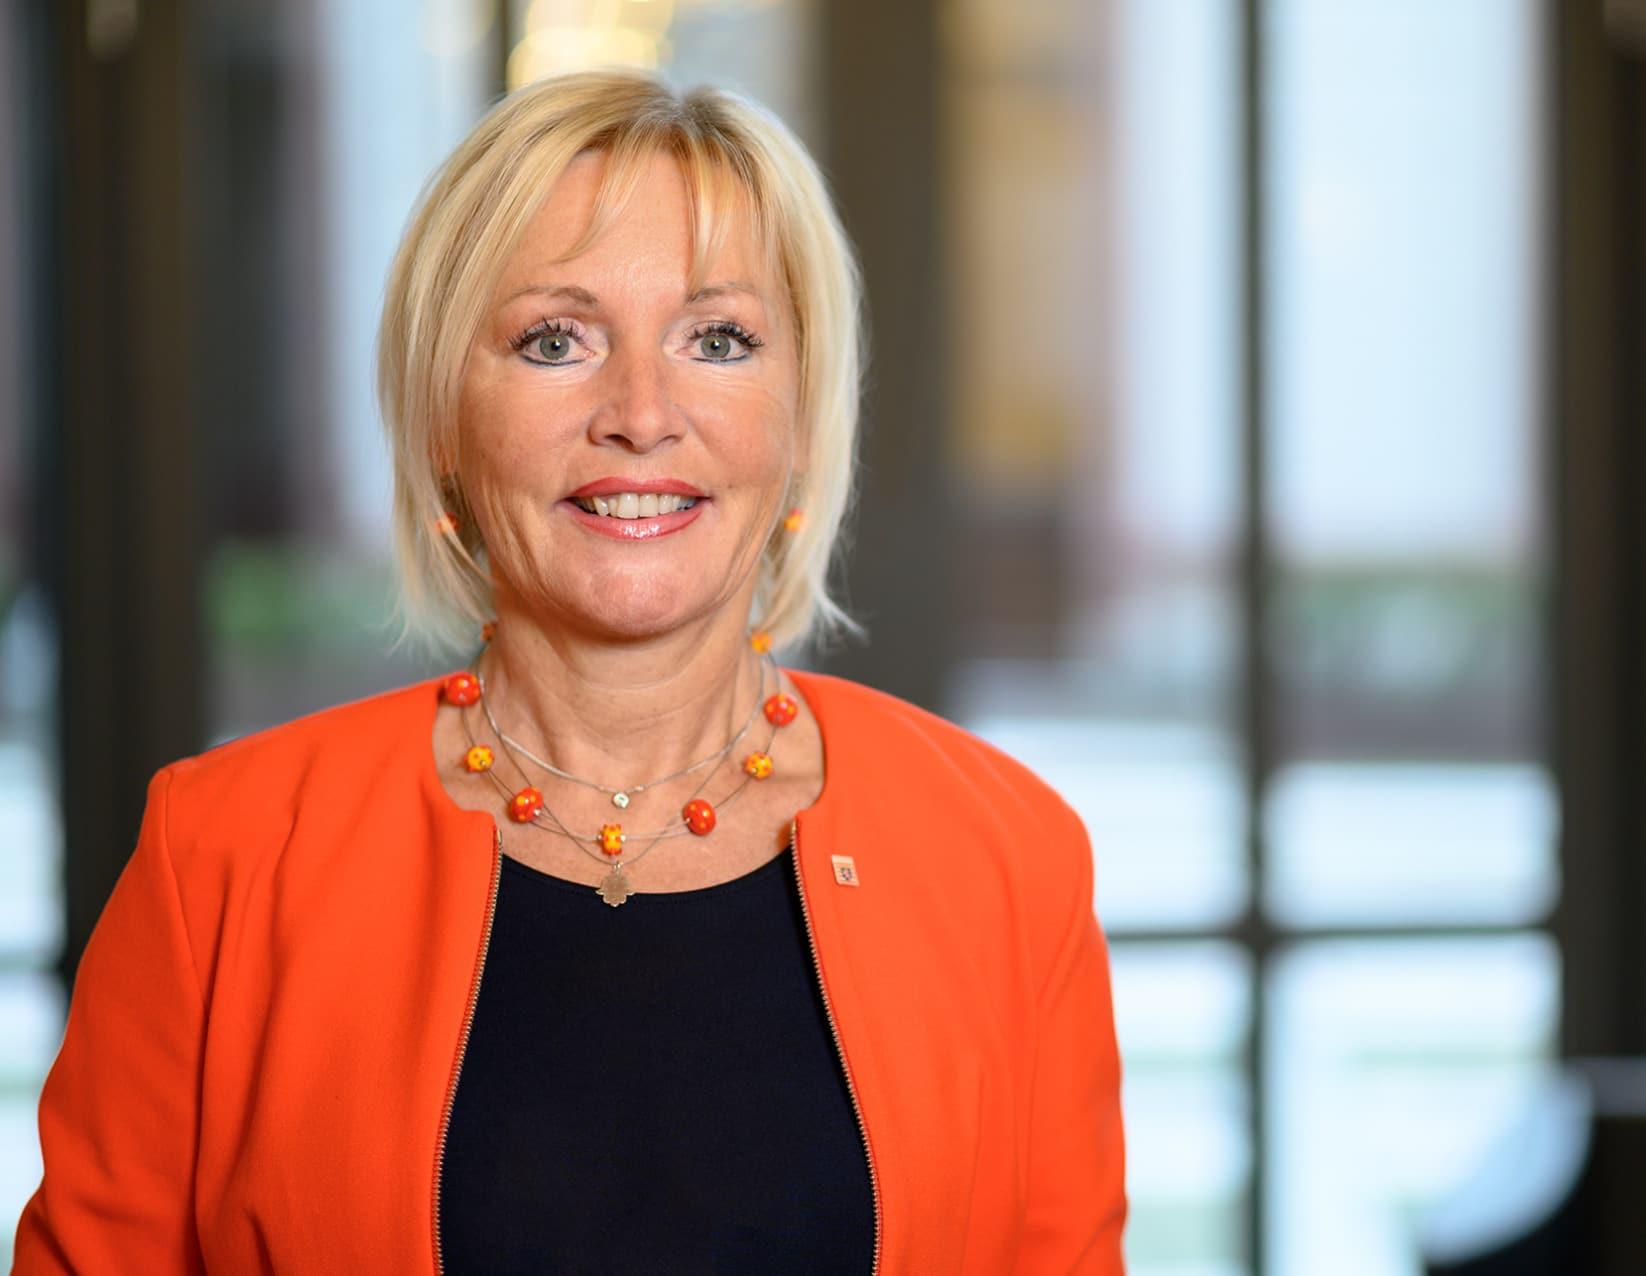 Prof. Dr. Kristina Sinemus, Hessische Ministerin fŸür Digitale Strategie und Entwicklung. Copyright Staatskanzlei / Salome Roessler